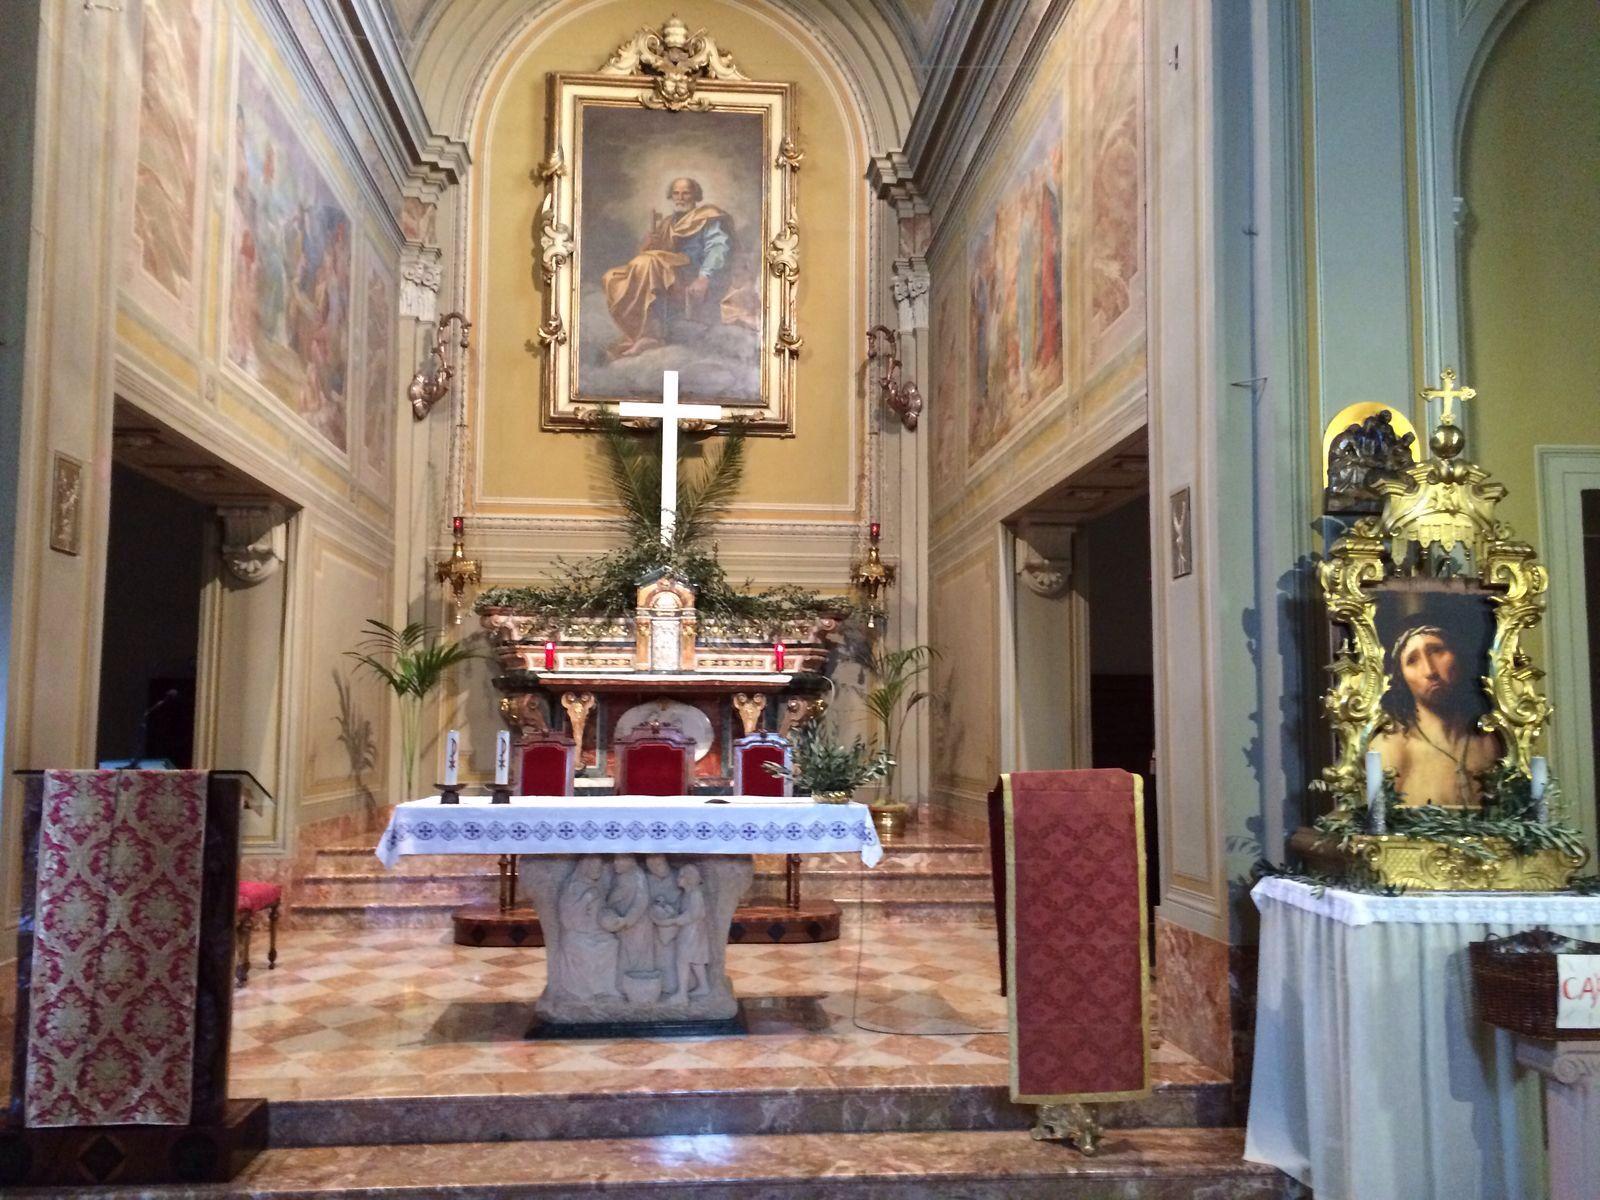 L'altare del Santissimo ornato dai rami di palme e d'ulivo.